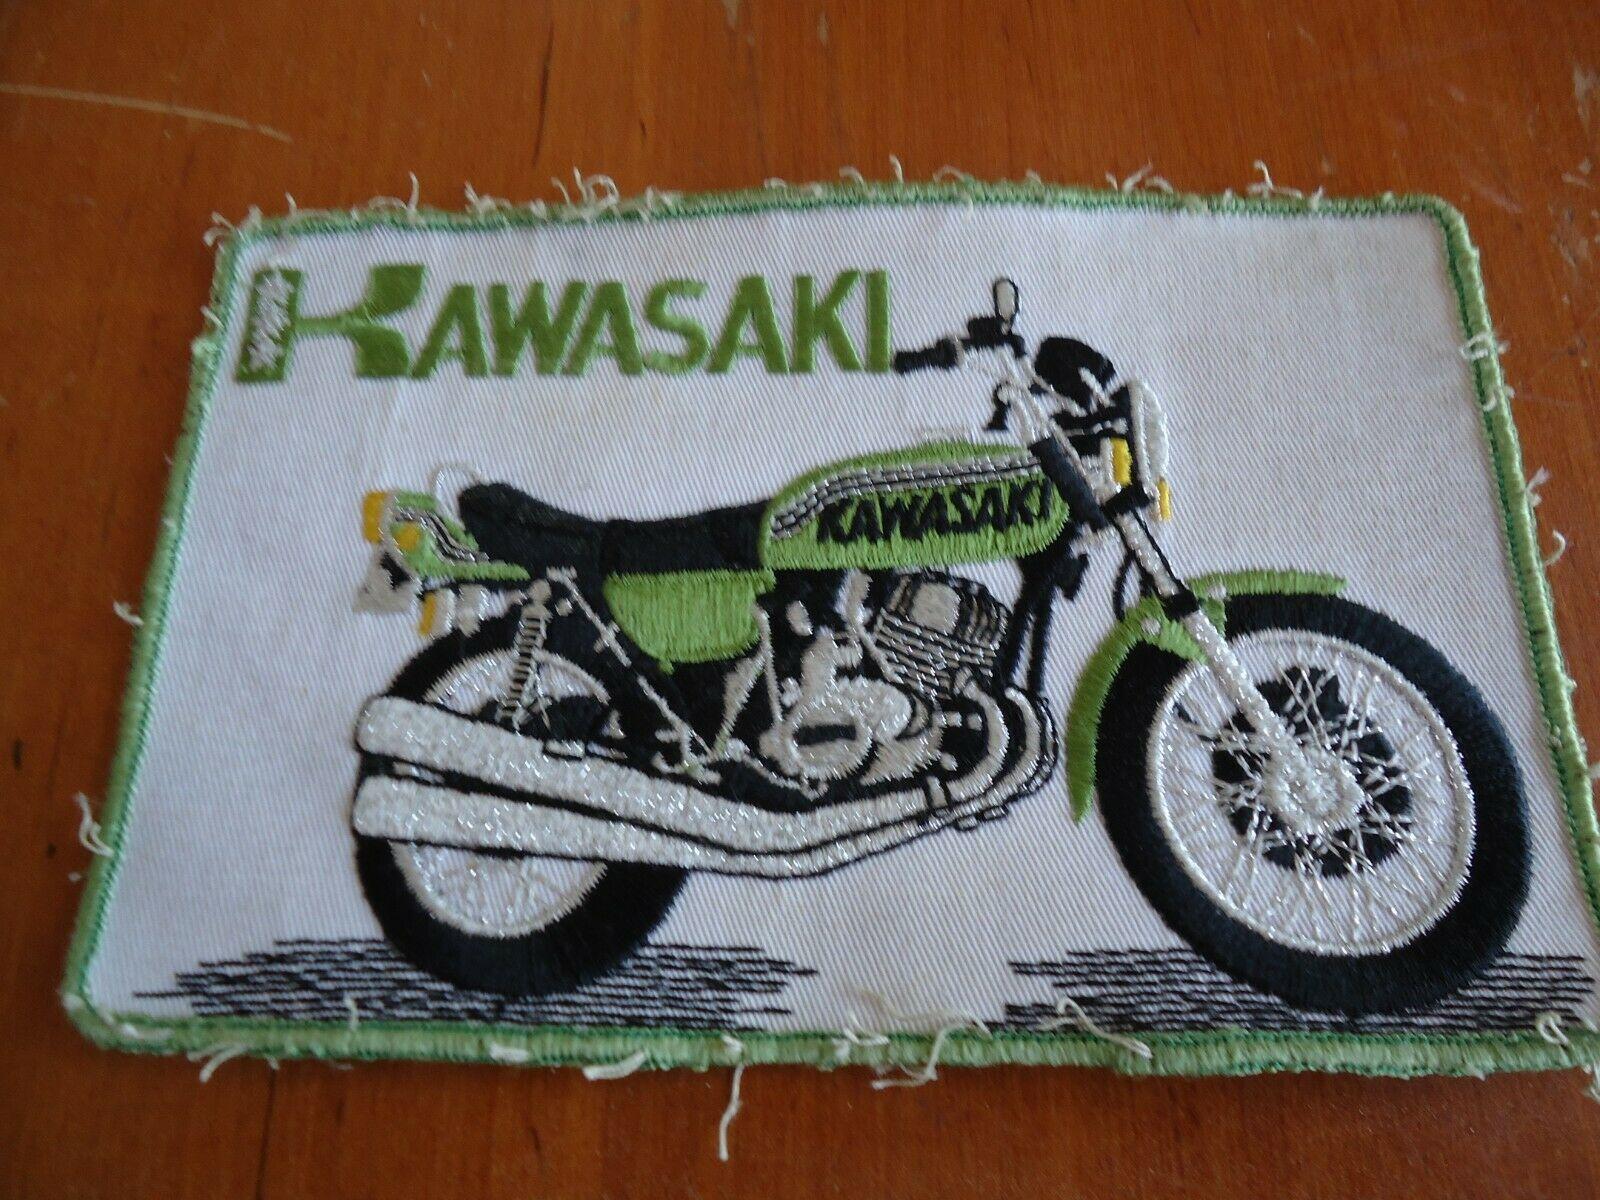 Kawasaki Motorcycle Patch Vintage Kawasaki Motorcycle Patch